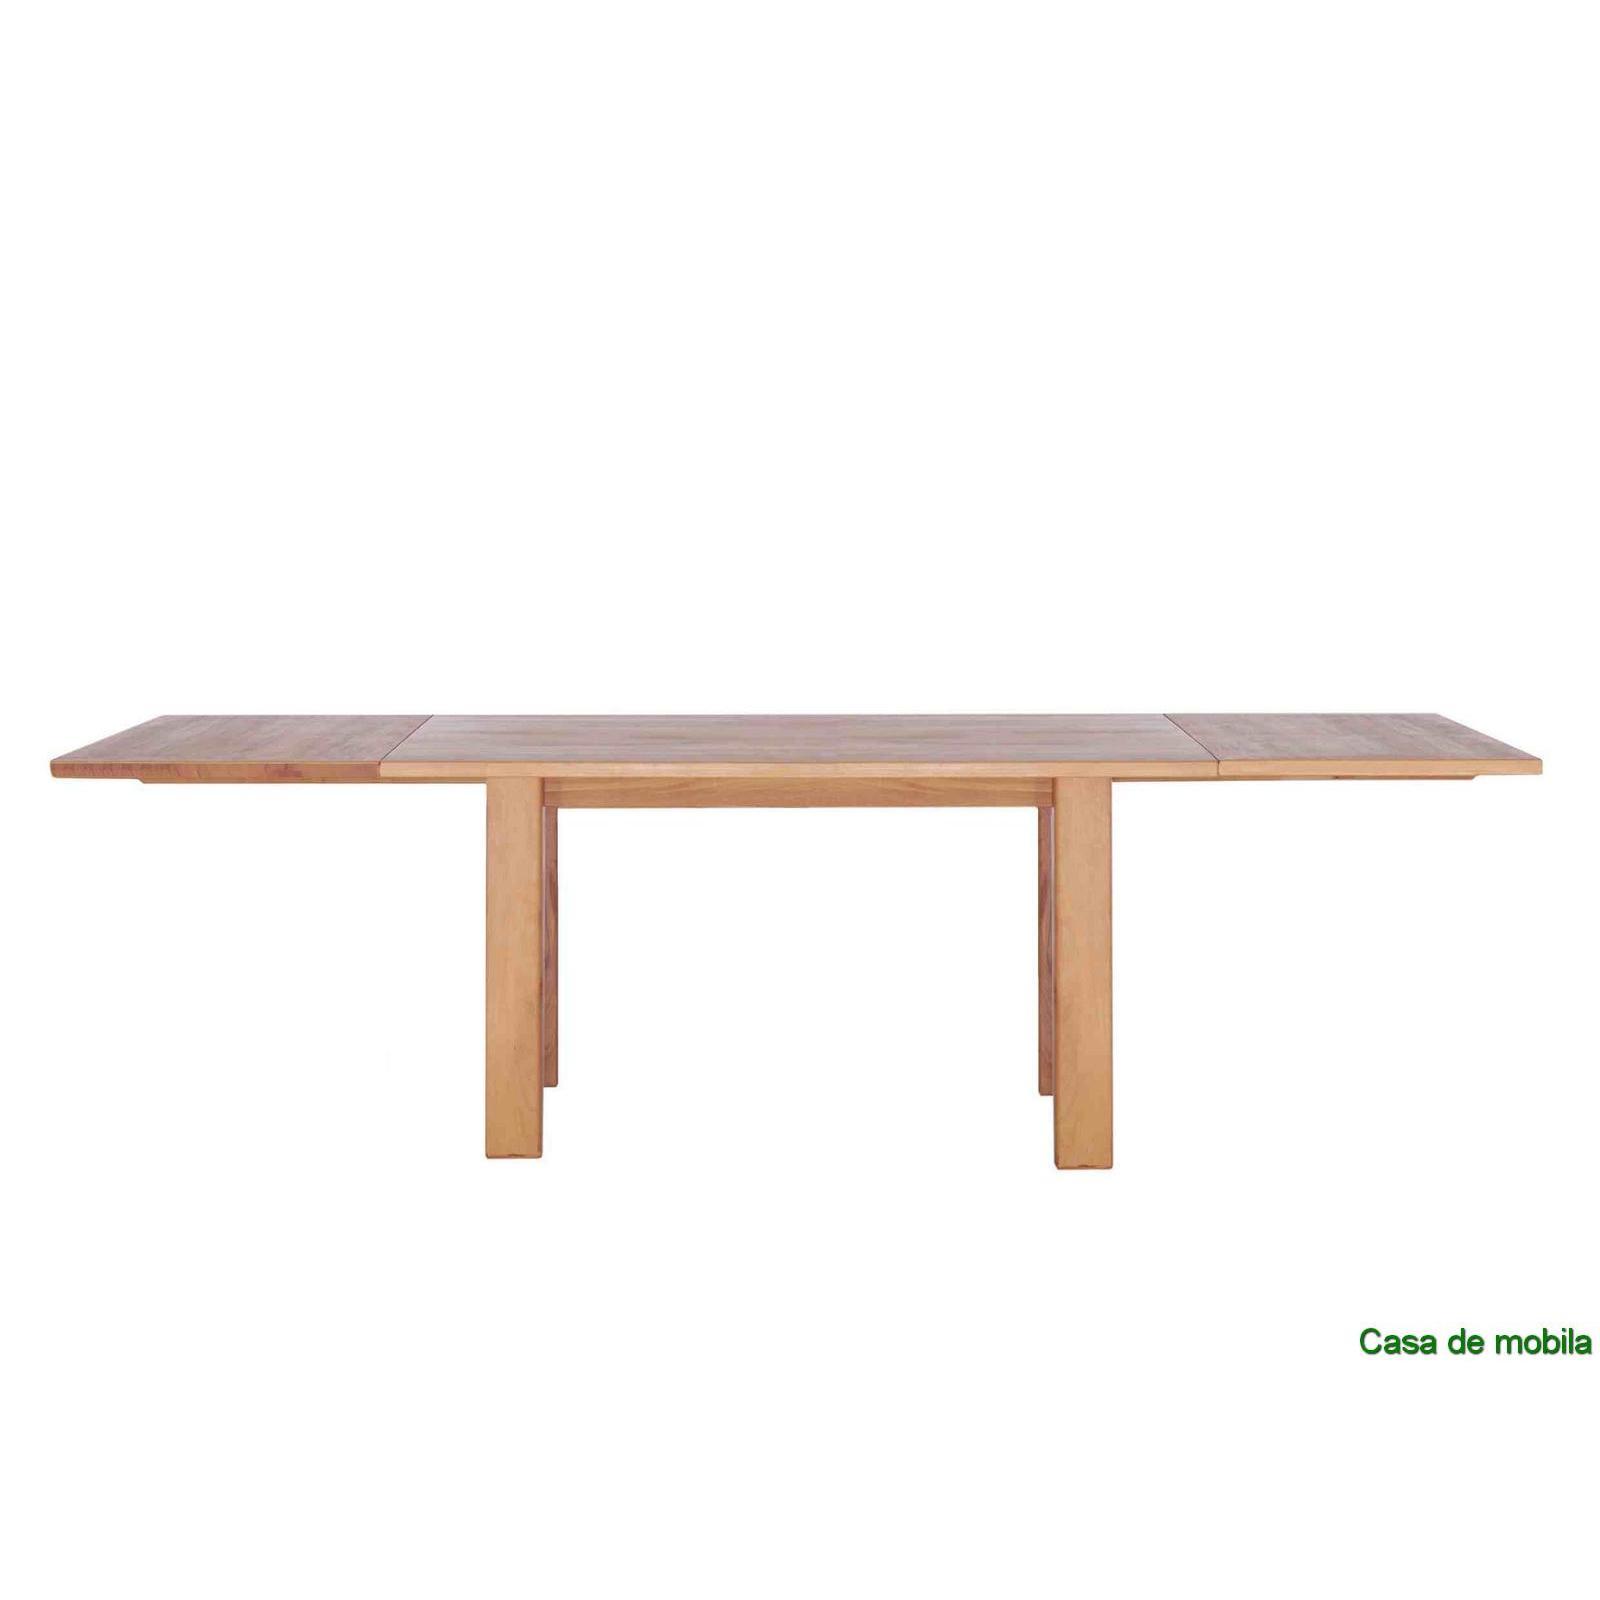 massivholz esstisch 200x95 cm tisch kernbuche massiv ge lt vollholztisch buche ebay. Black Bedroom Furniture Sets. Home Design Ideas